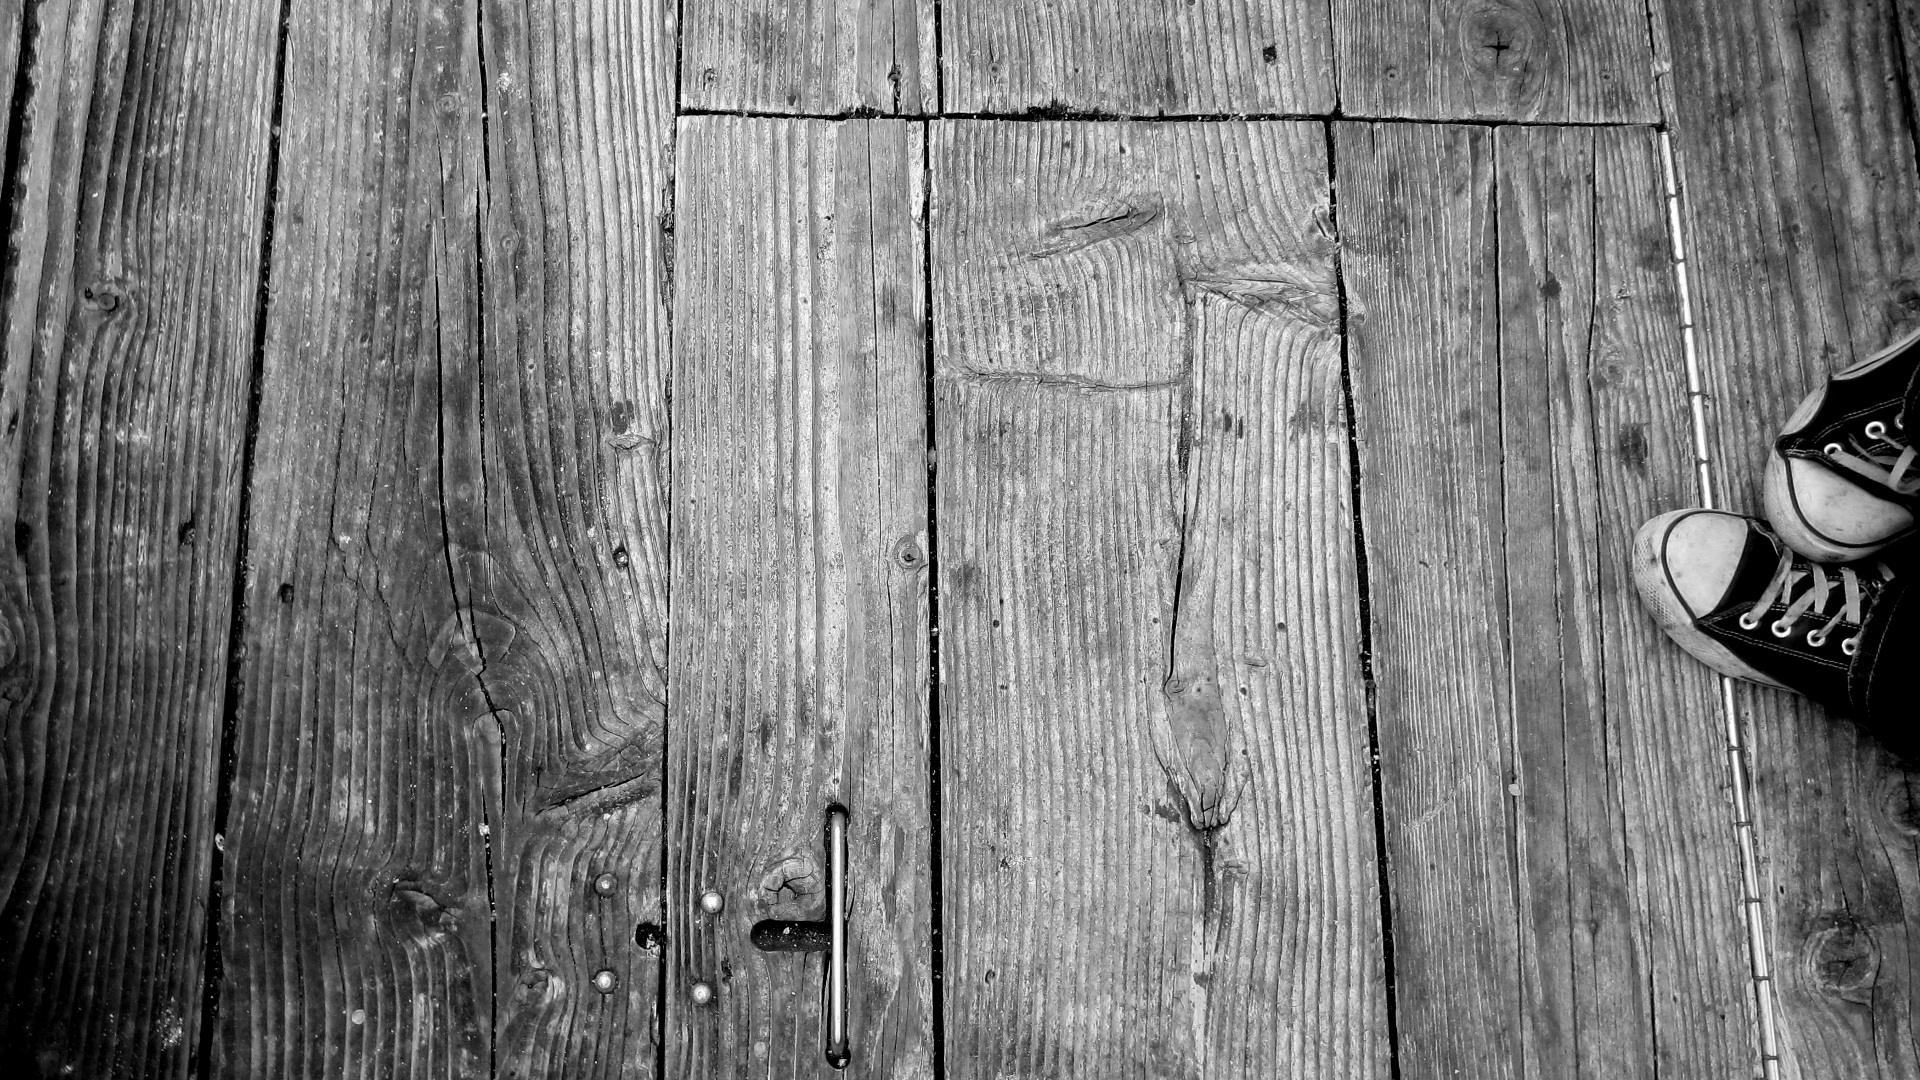 道路, 土壤, 木材, 鞋带, 步骤 - 高清壁纸 - 教授-falken.com